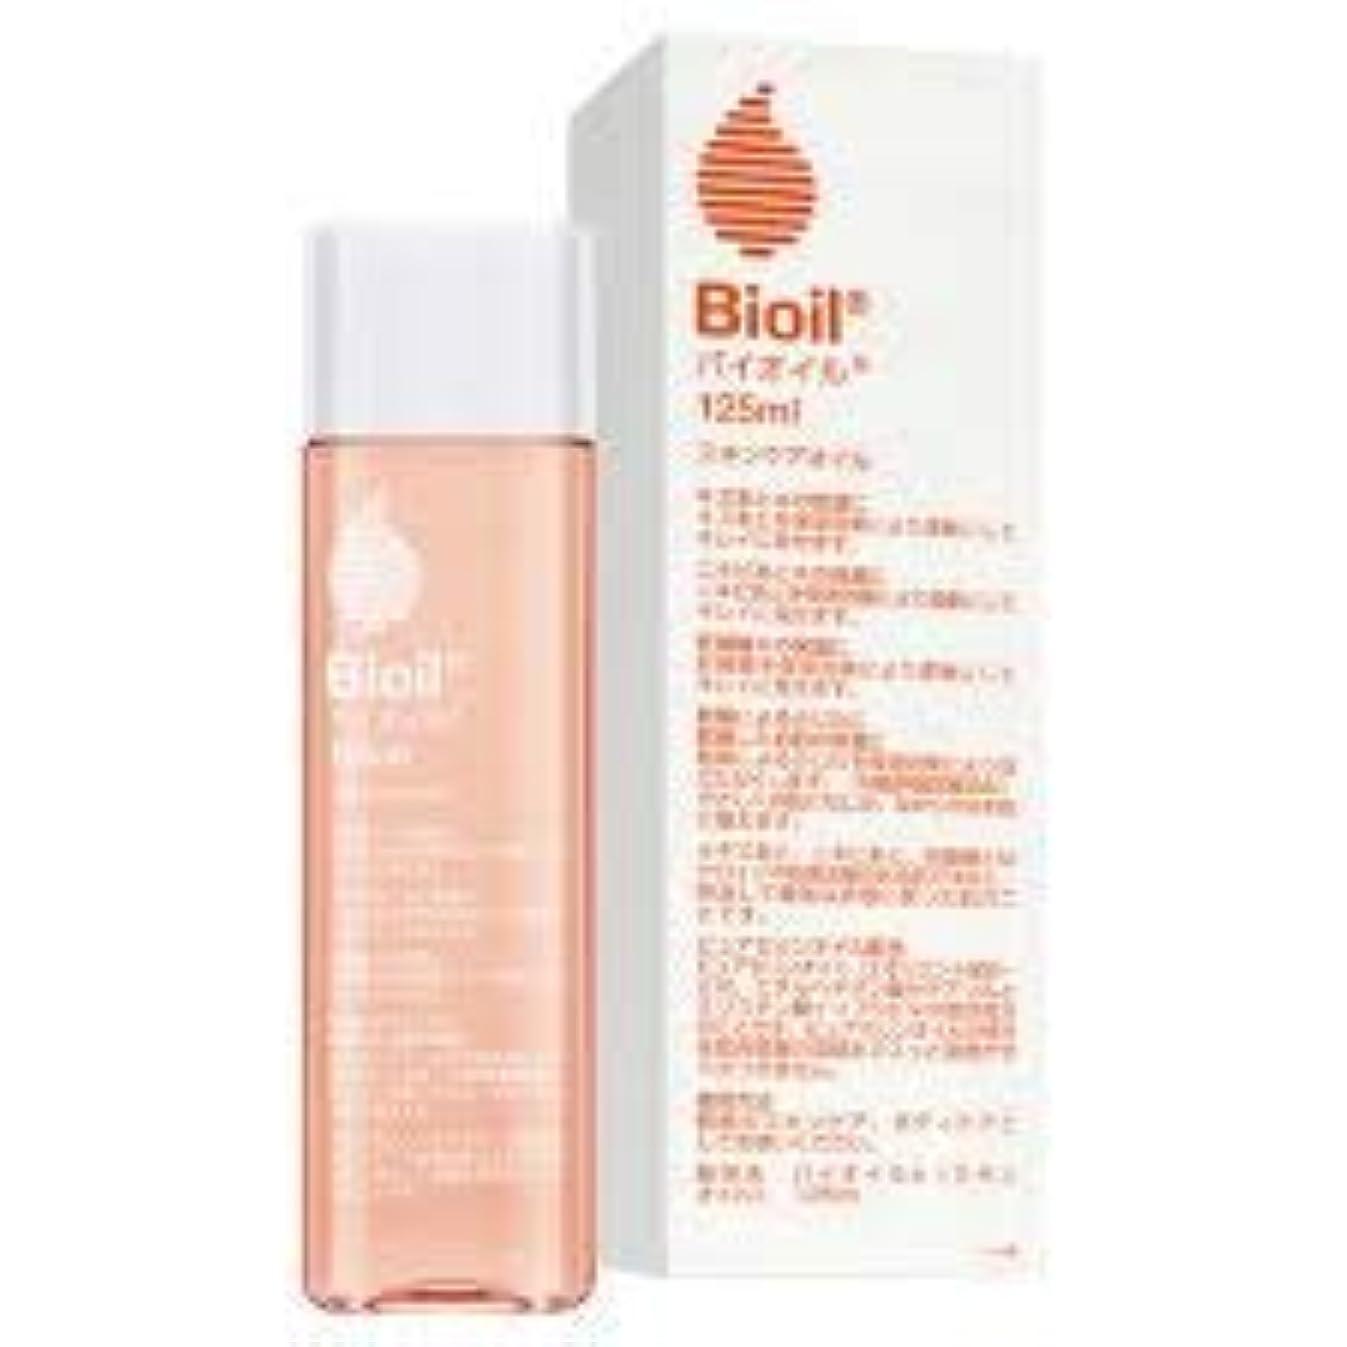 バイオイル Bioil 125ml (小林製薬)